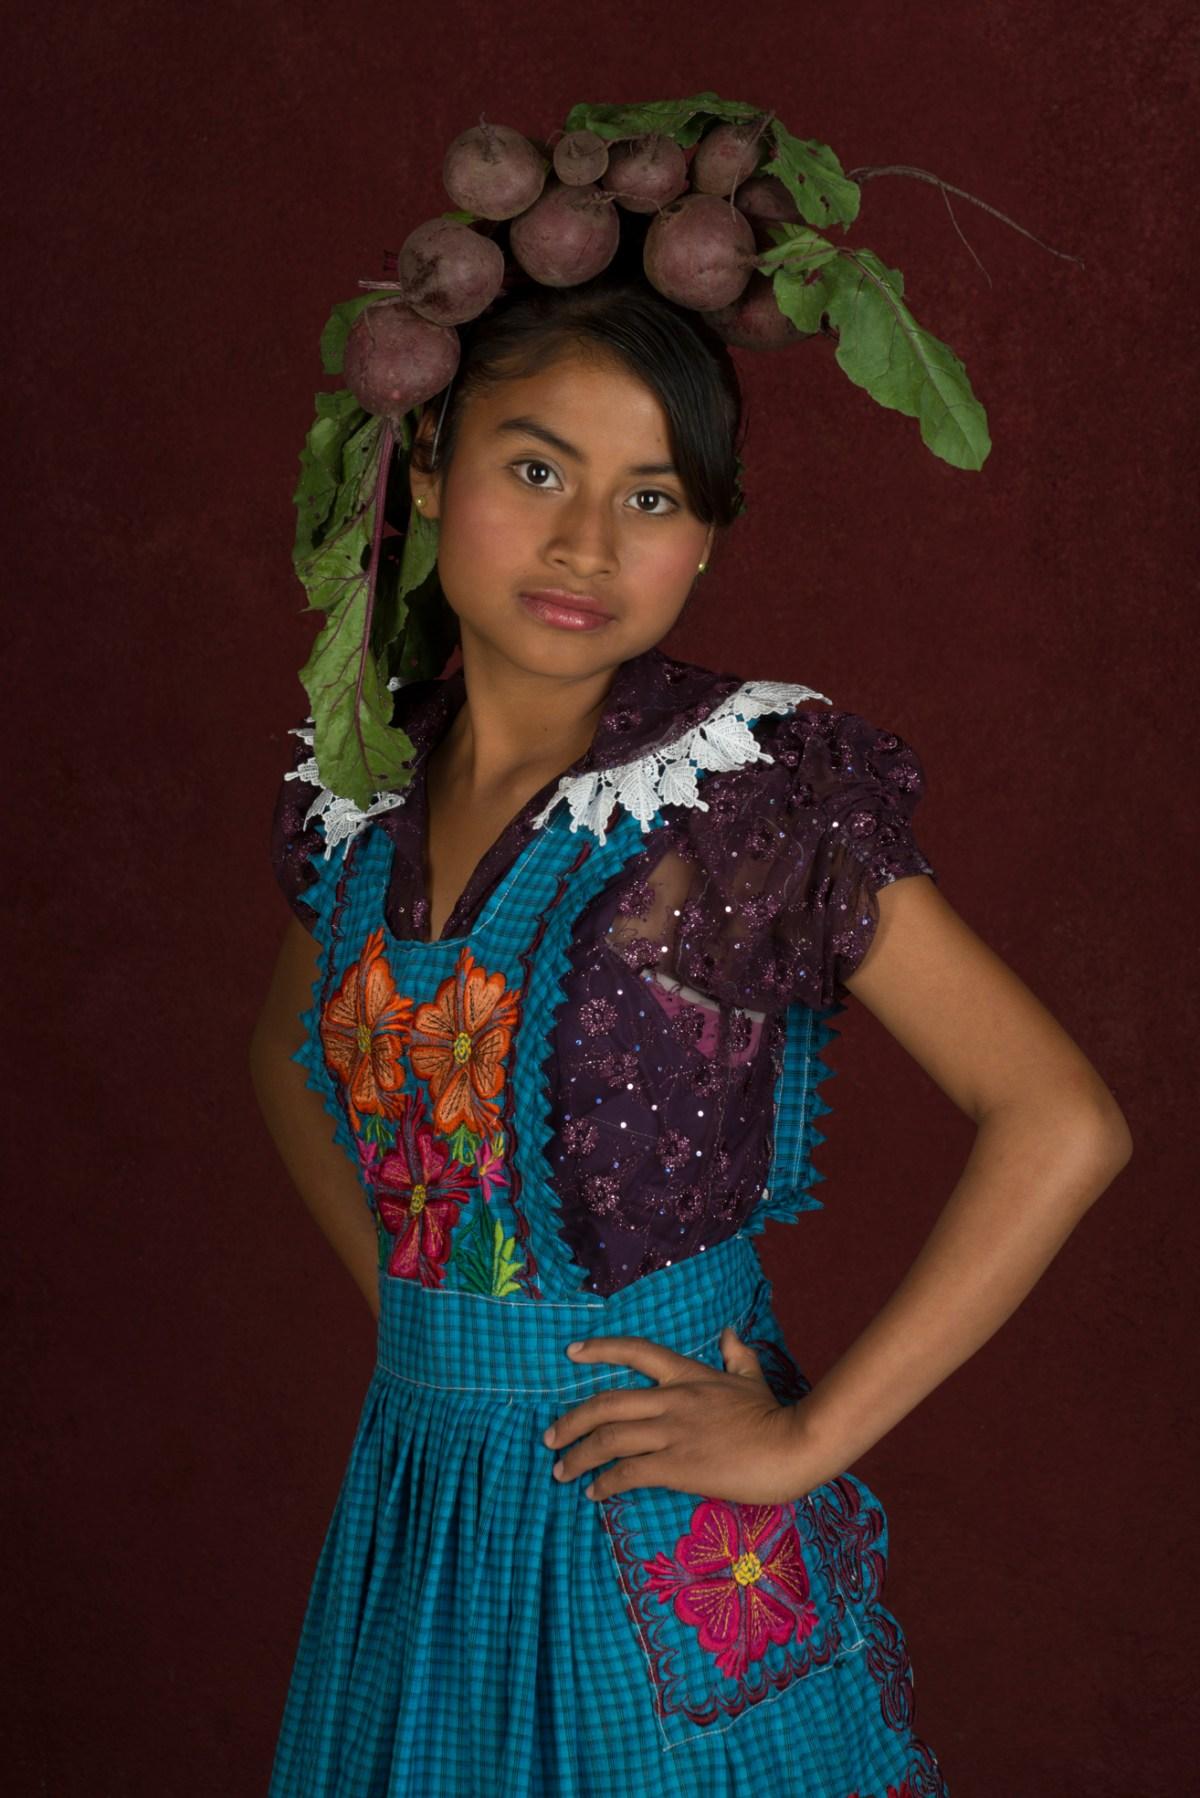 Fotografía retrato niña zapoteca de la artista Marcela Taboada